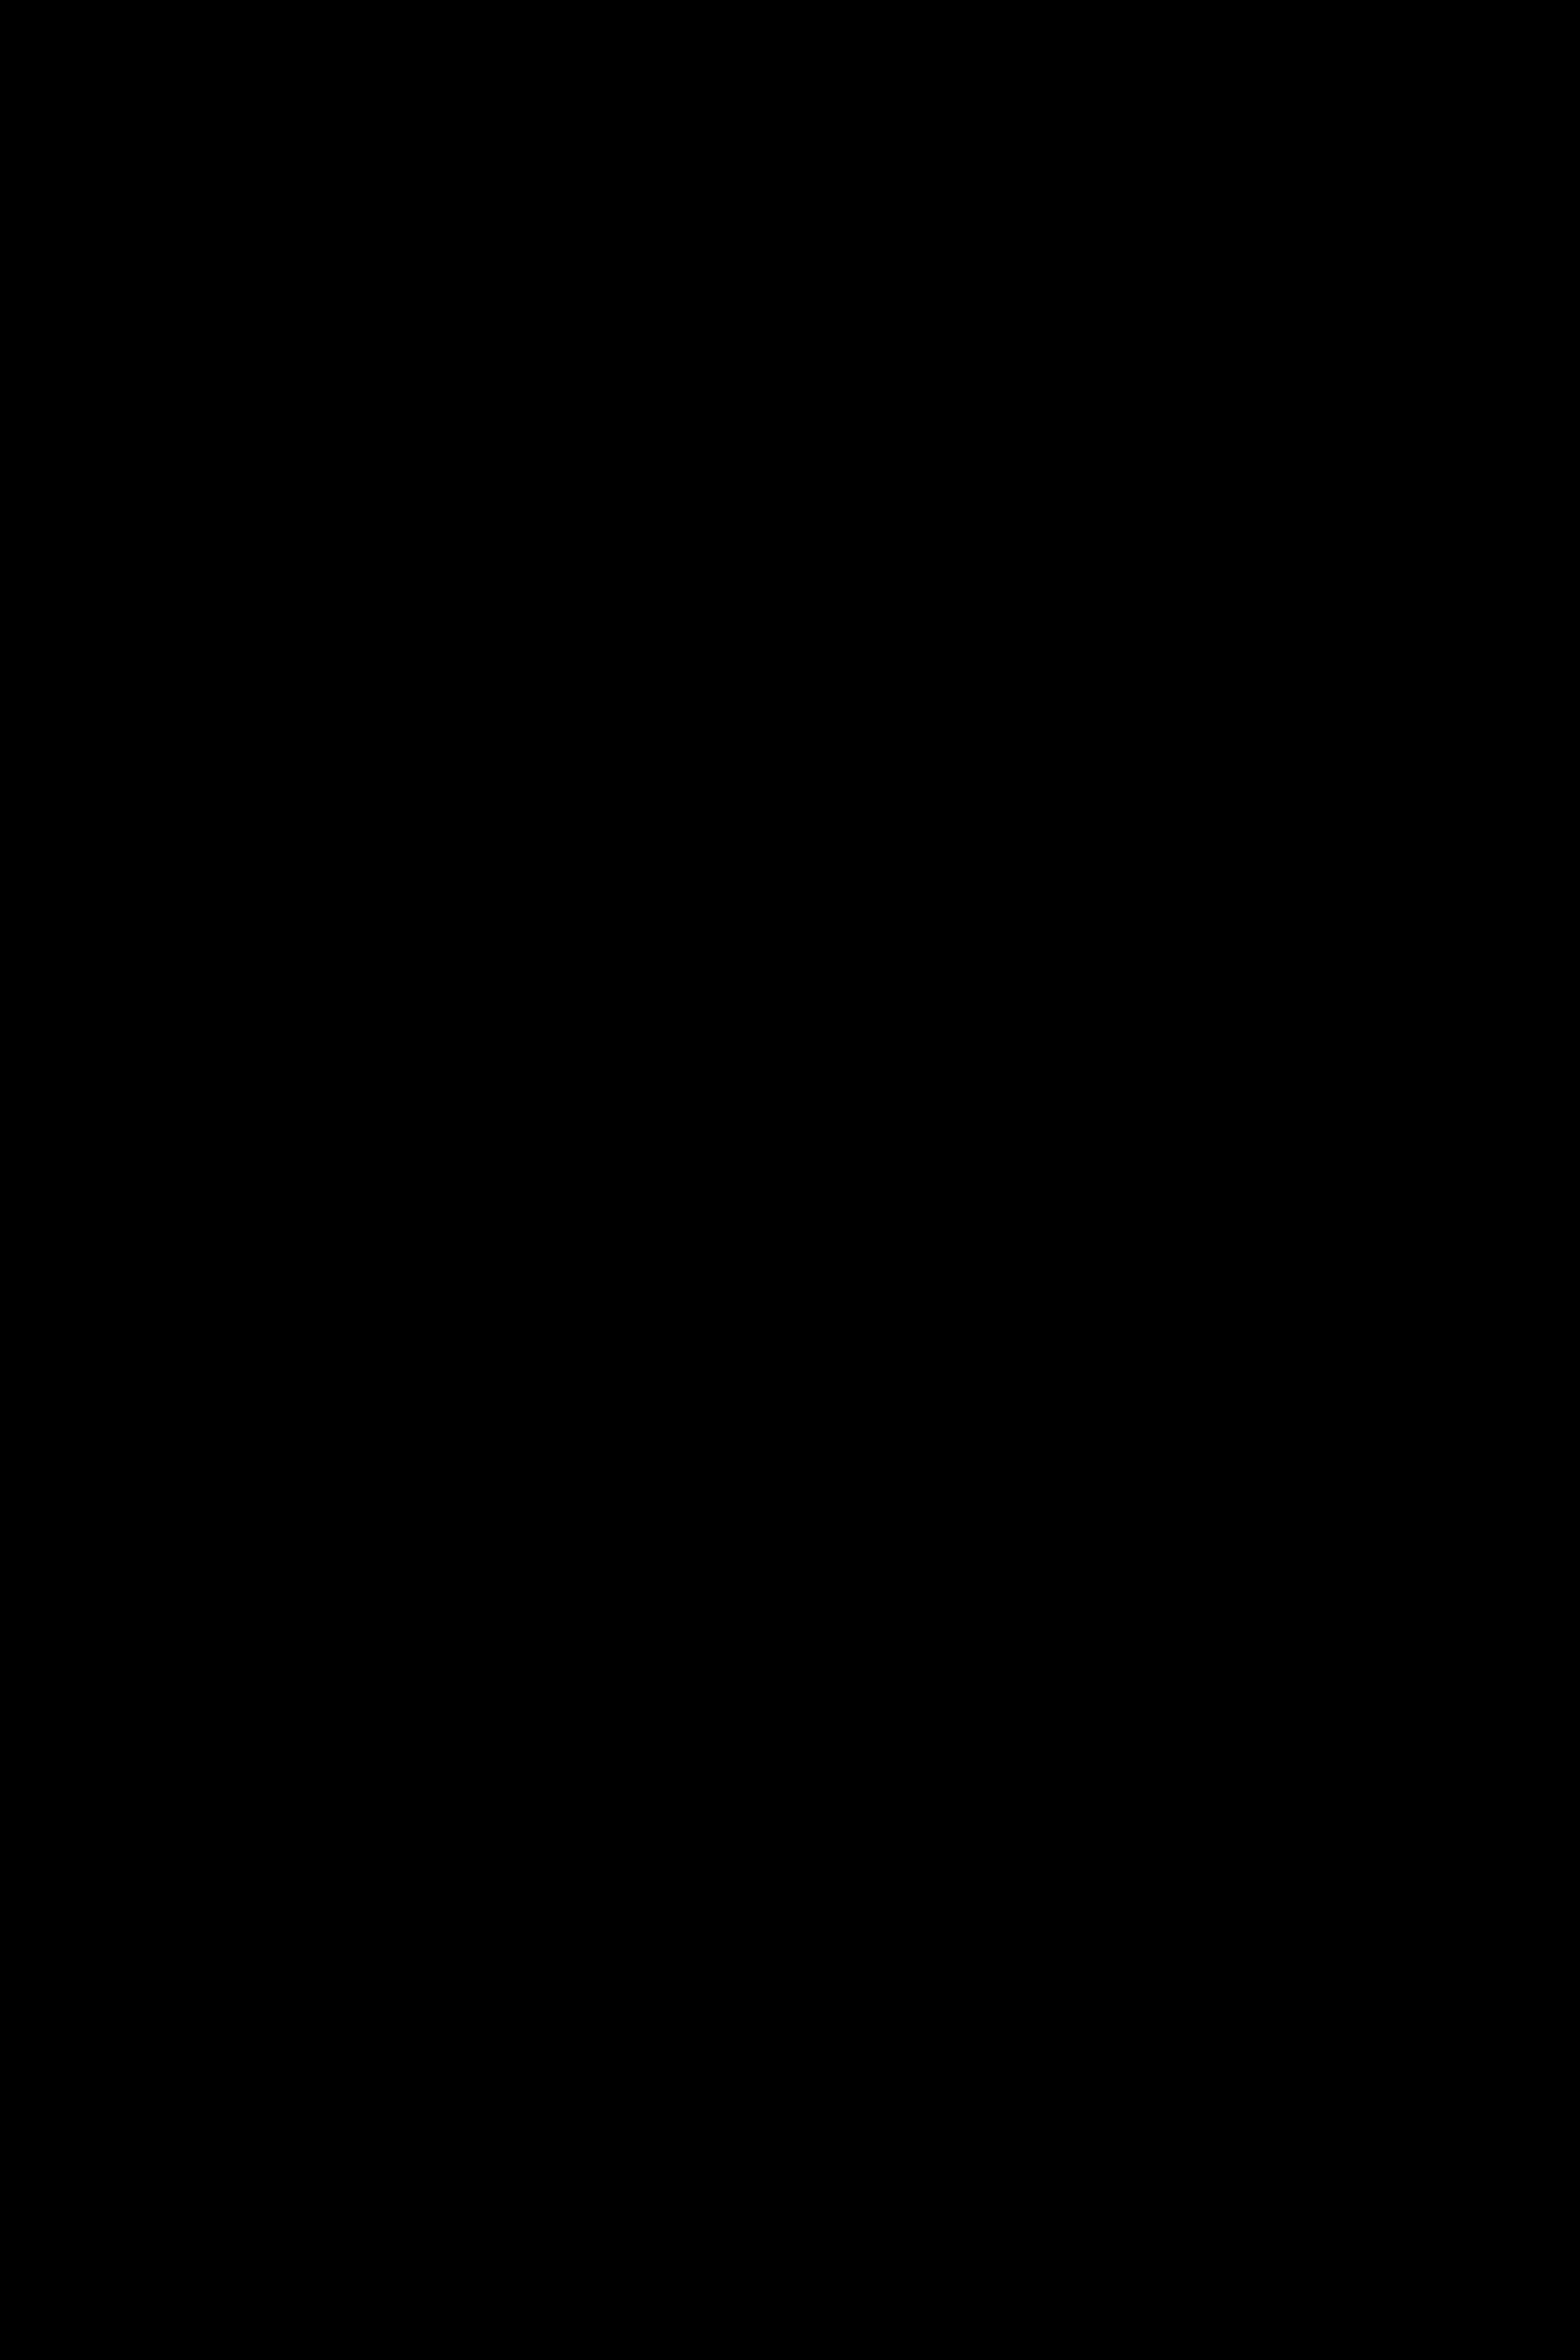 Korean Folk Arts